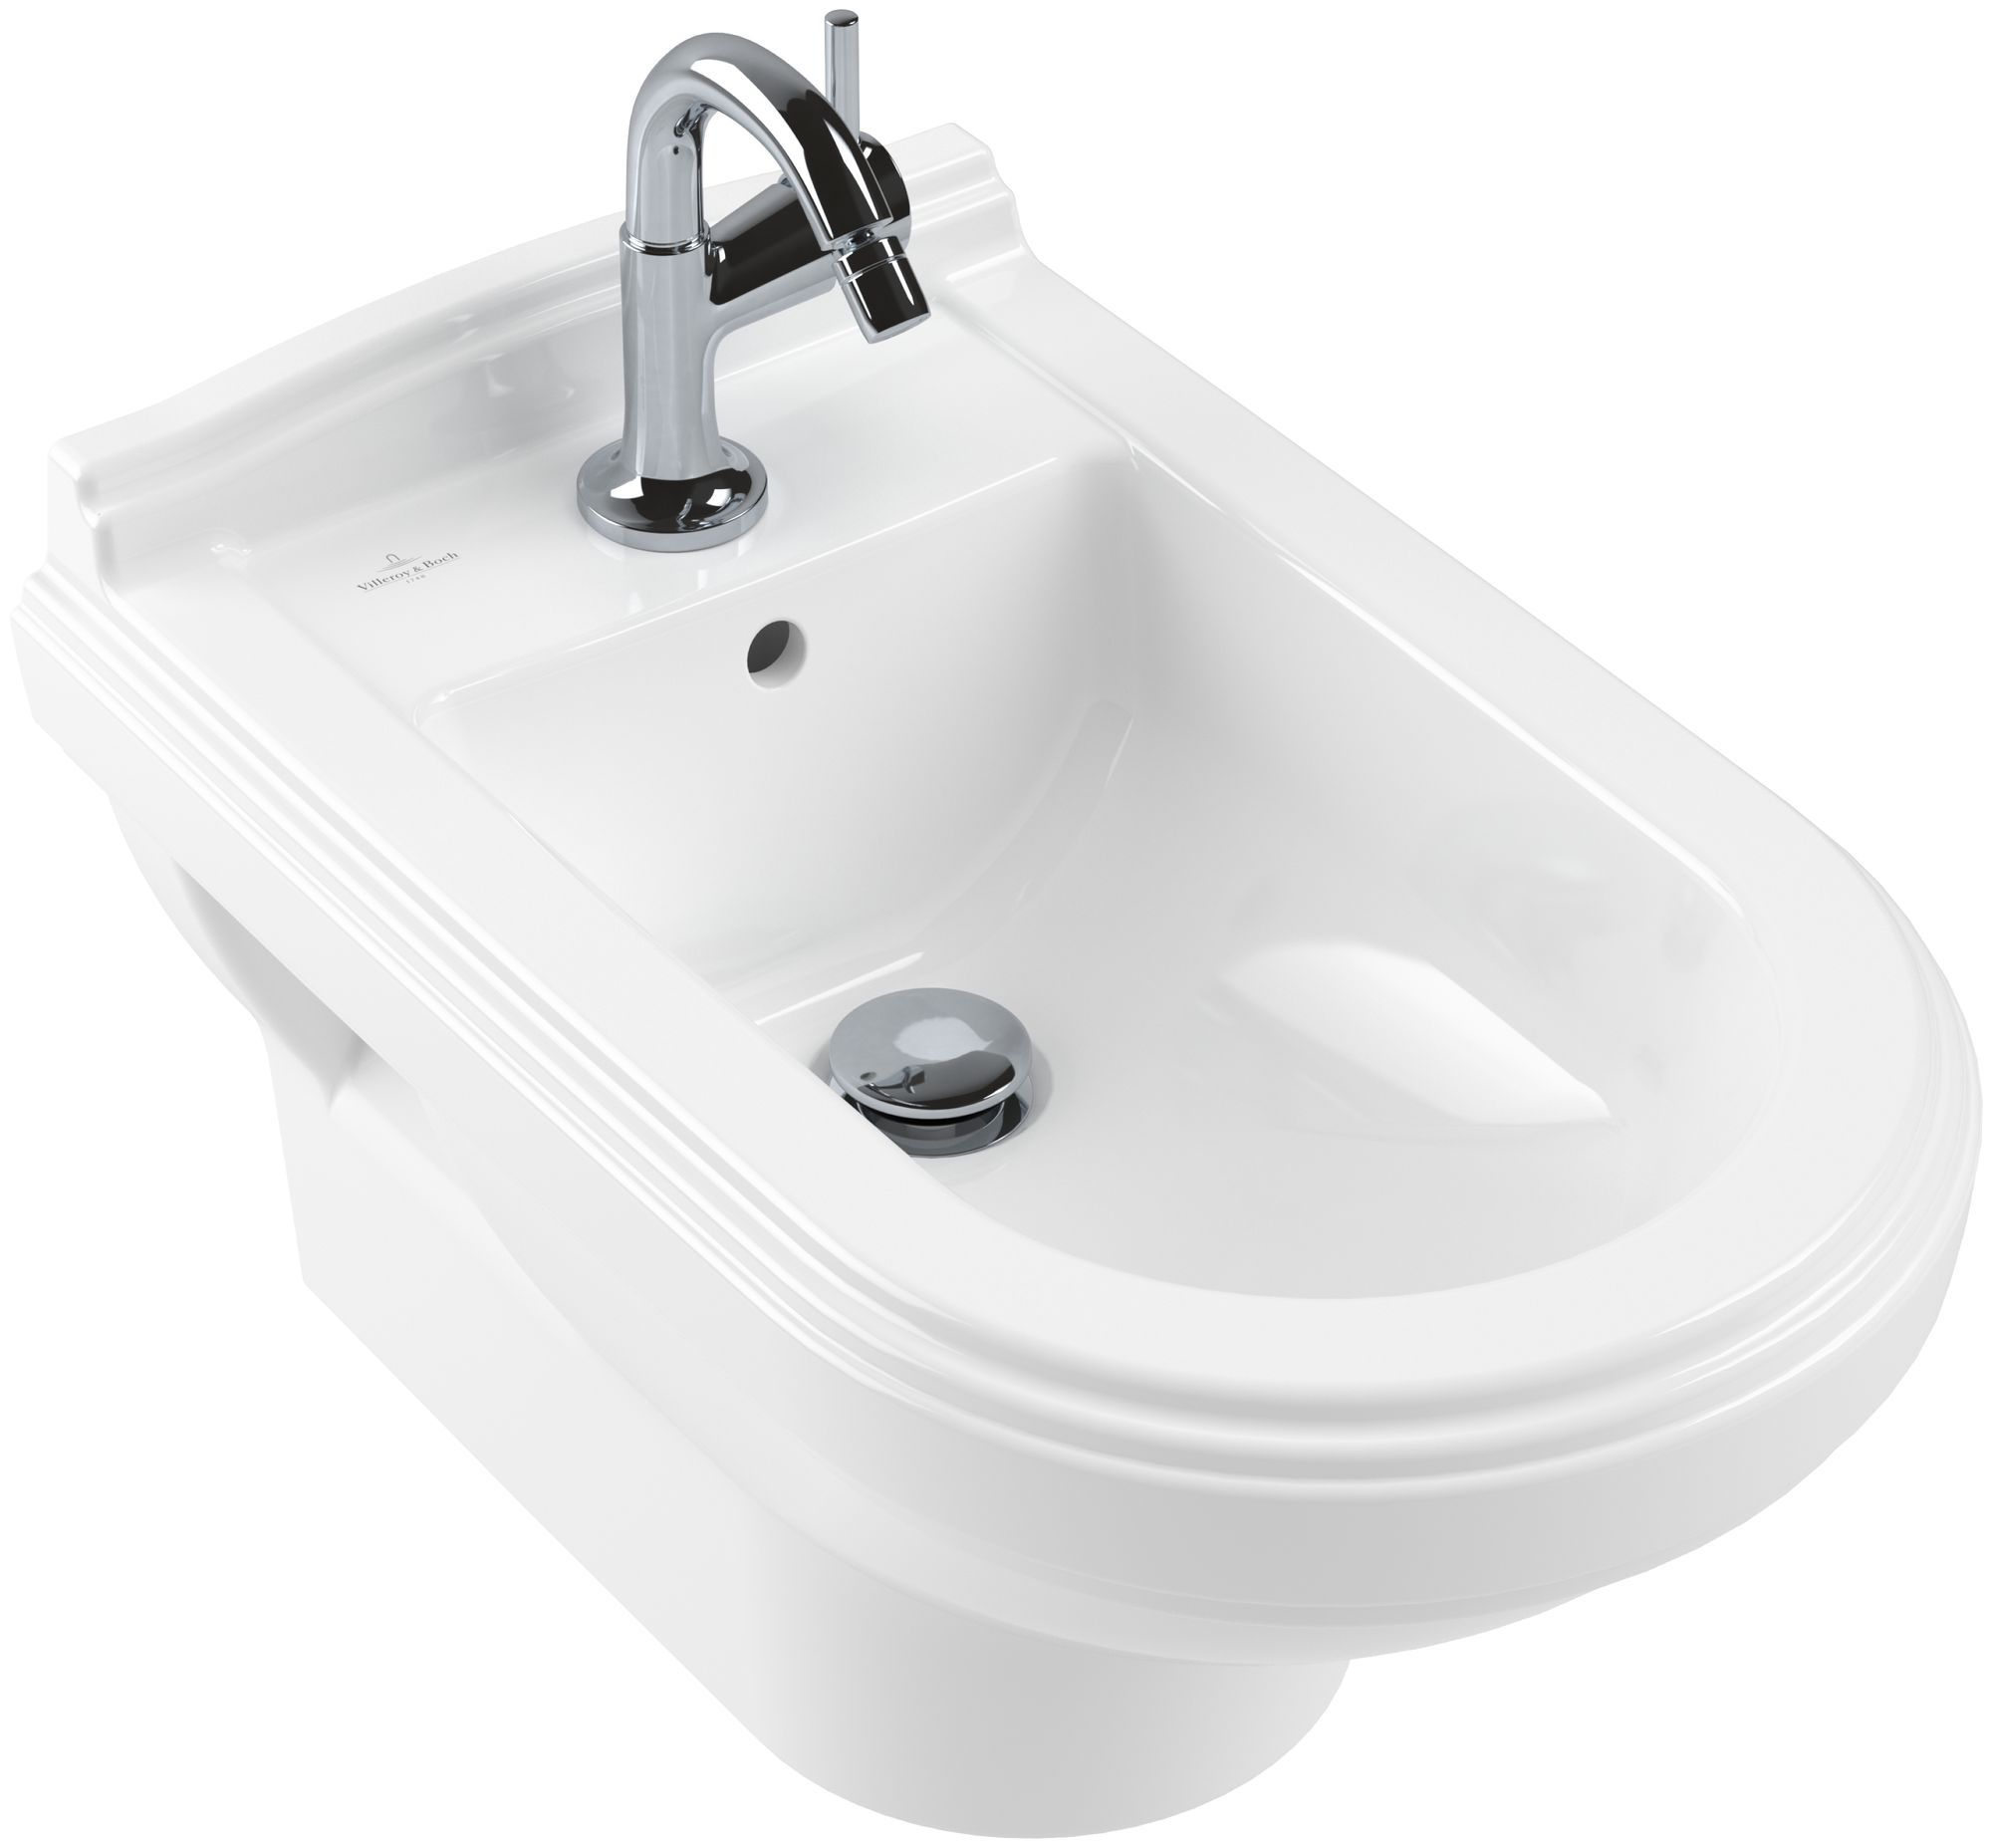 Villeroy & Boch Hommage Bidet starwhite ceramicplus 7441B0R2